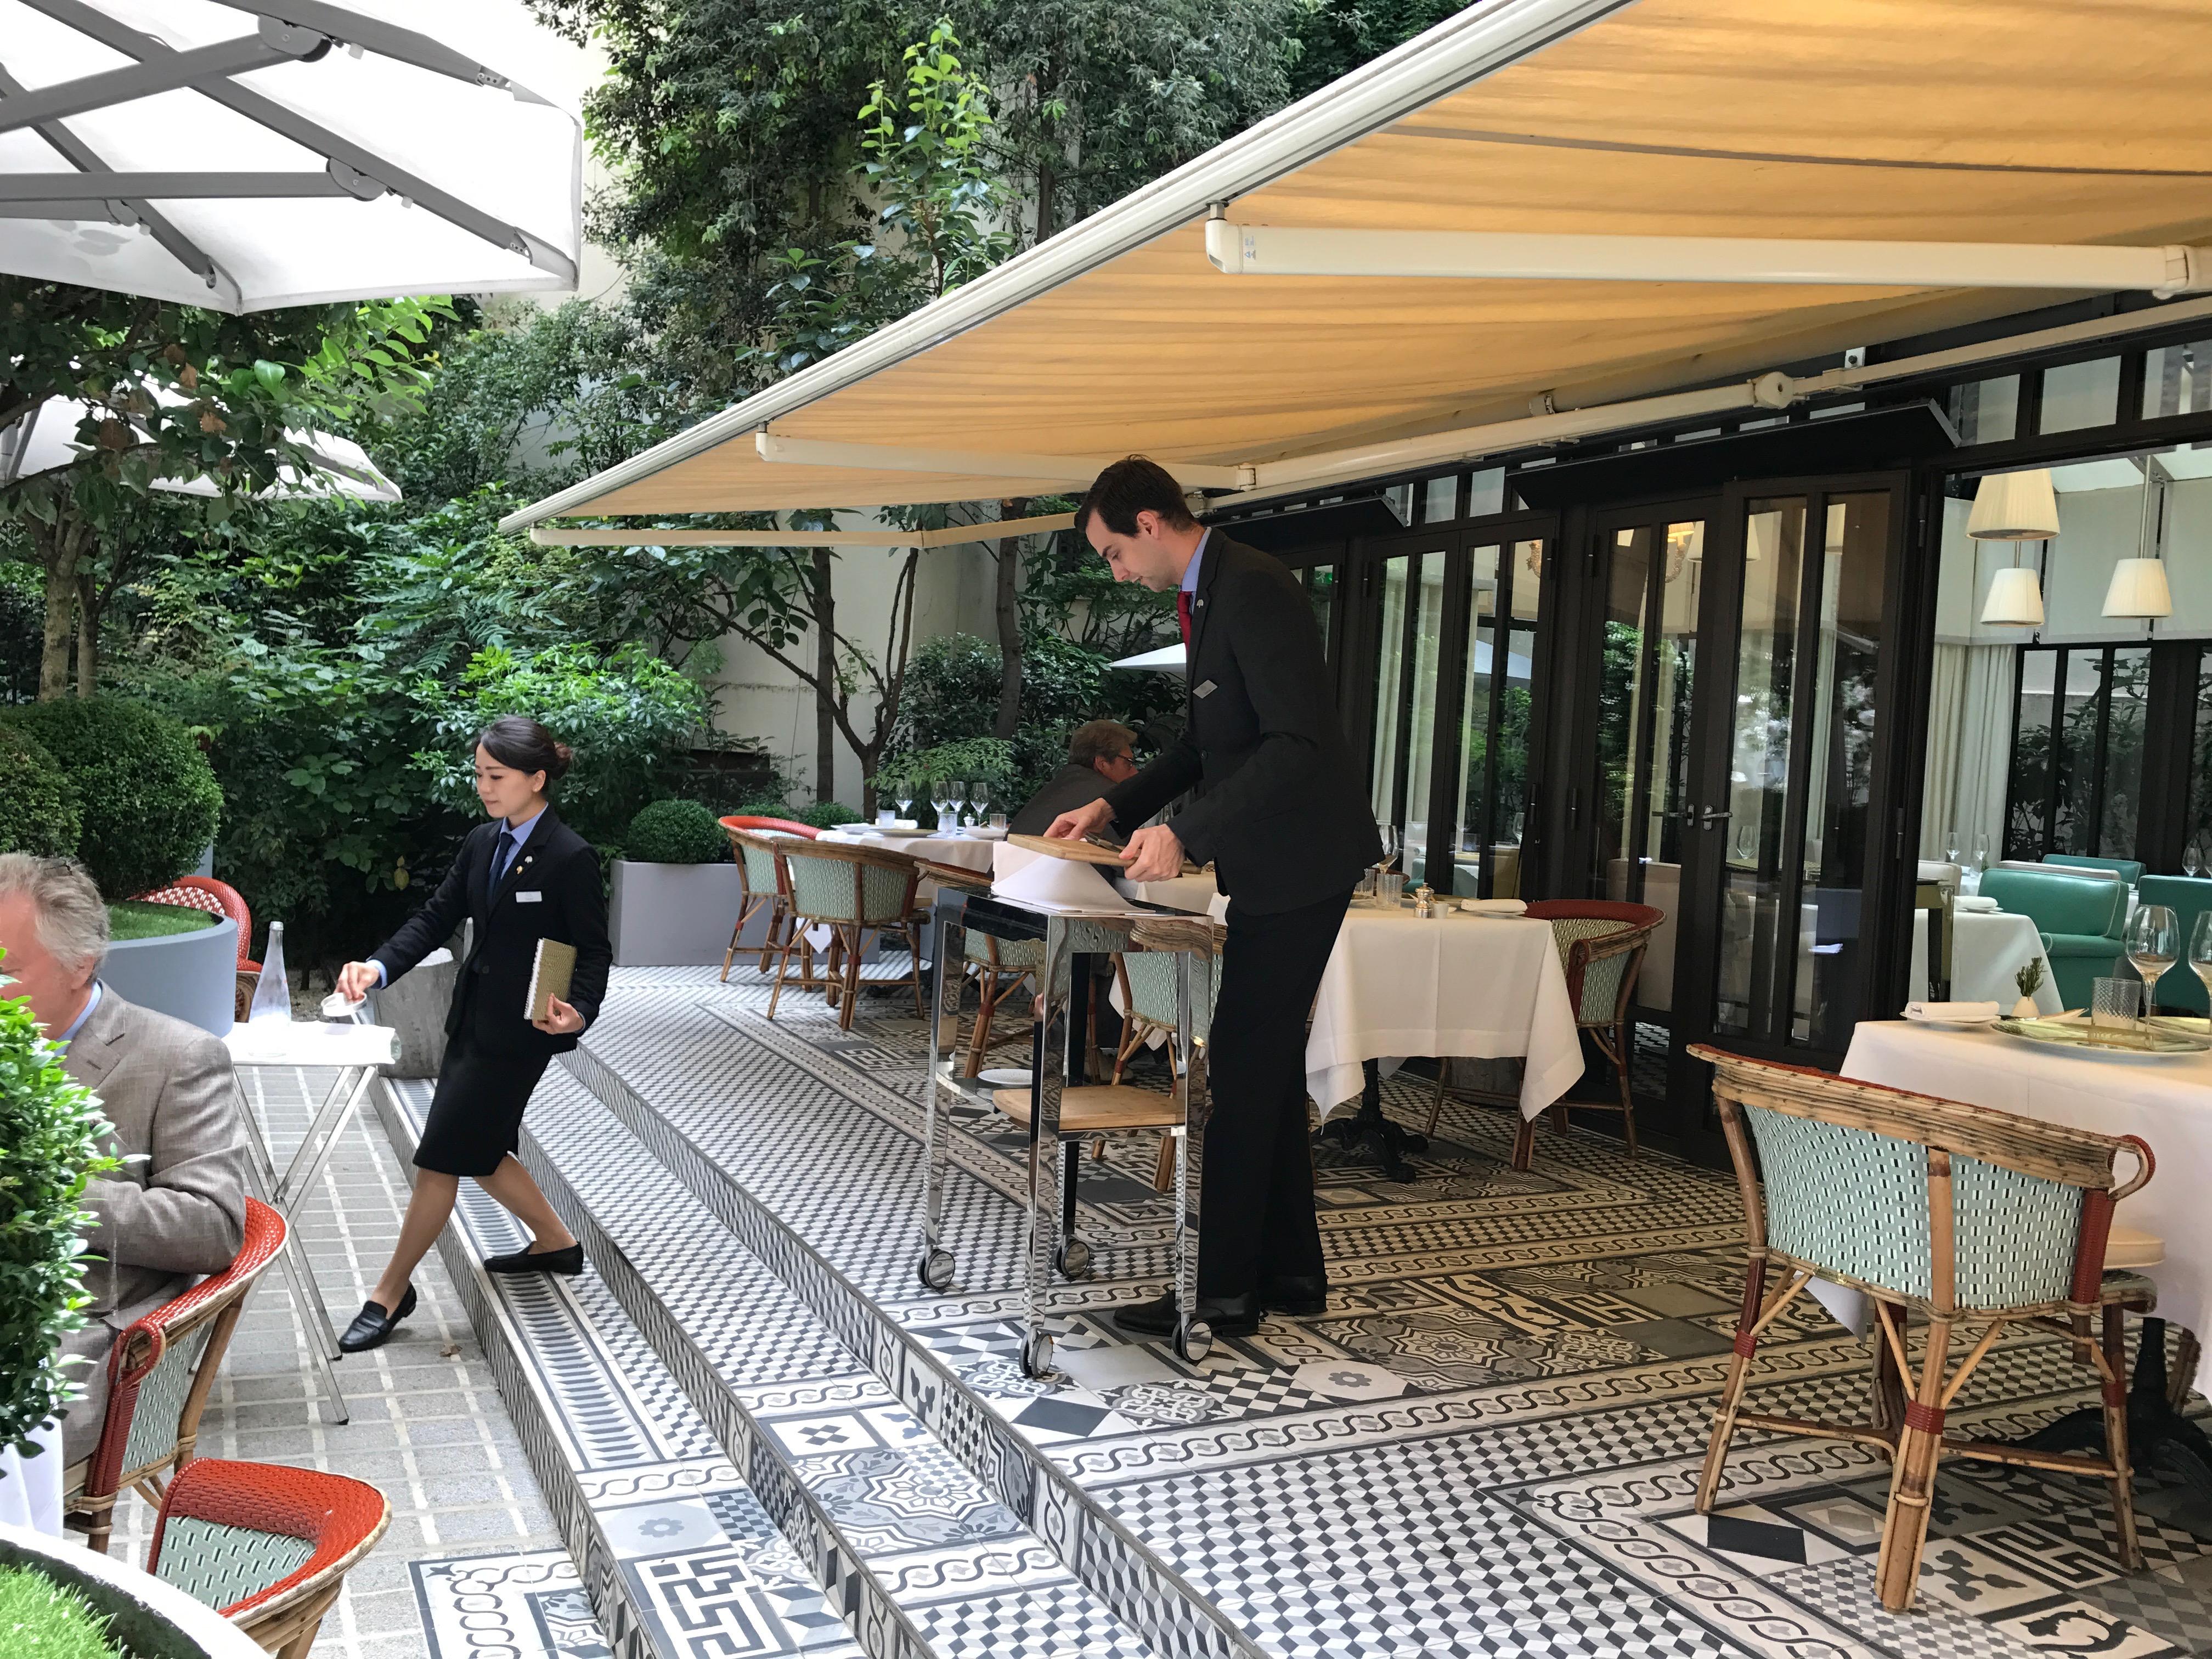 Il carpaccio au royal monceau restaurant italien paris 8e en terrasse au carpaccio restaurants - Restaurant en terrasse paris ...